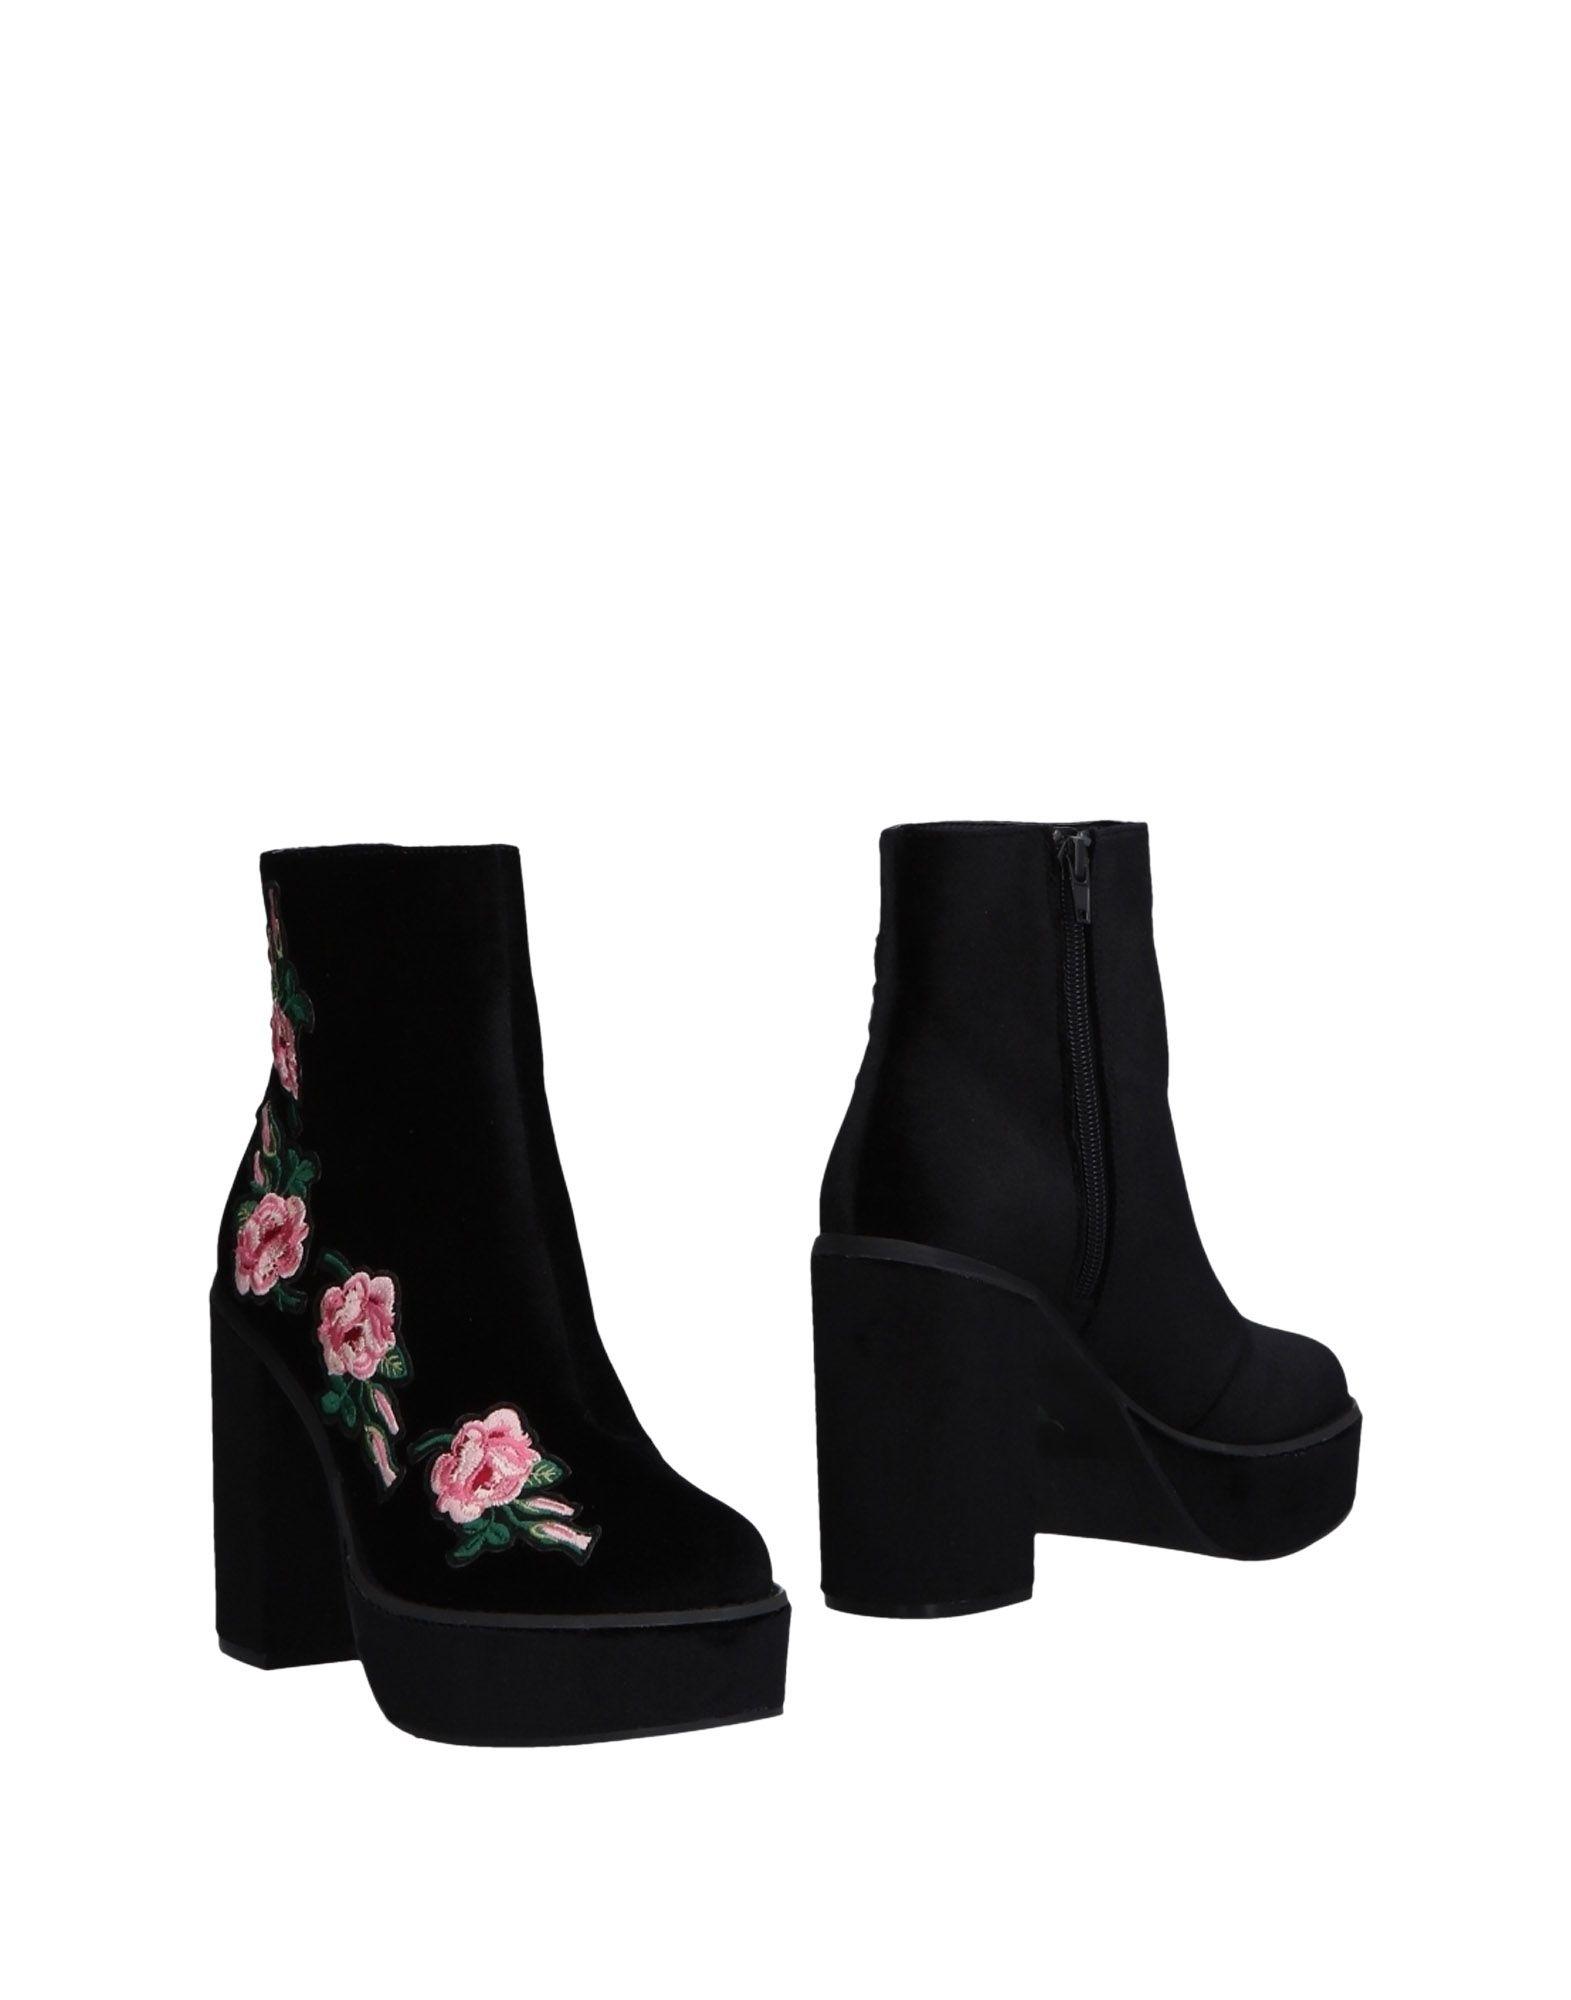 Windsor Smith beliebte Stiefelette Damen  11479569EW Gute Qualität beliebte Smith Schuhe ccff90